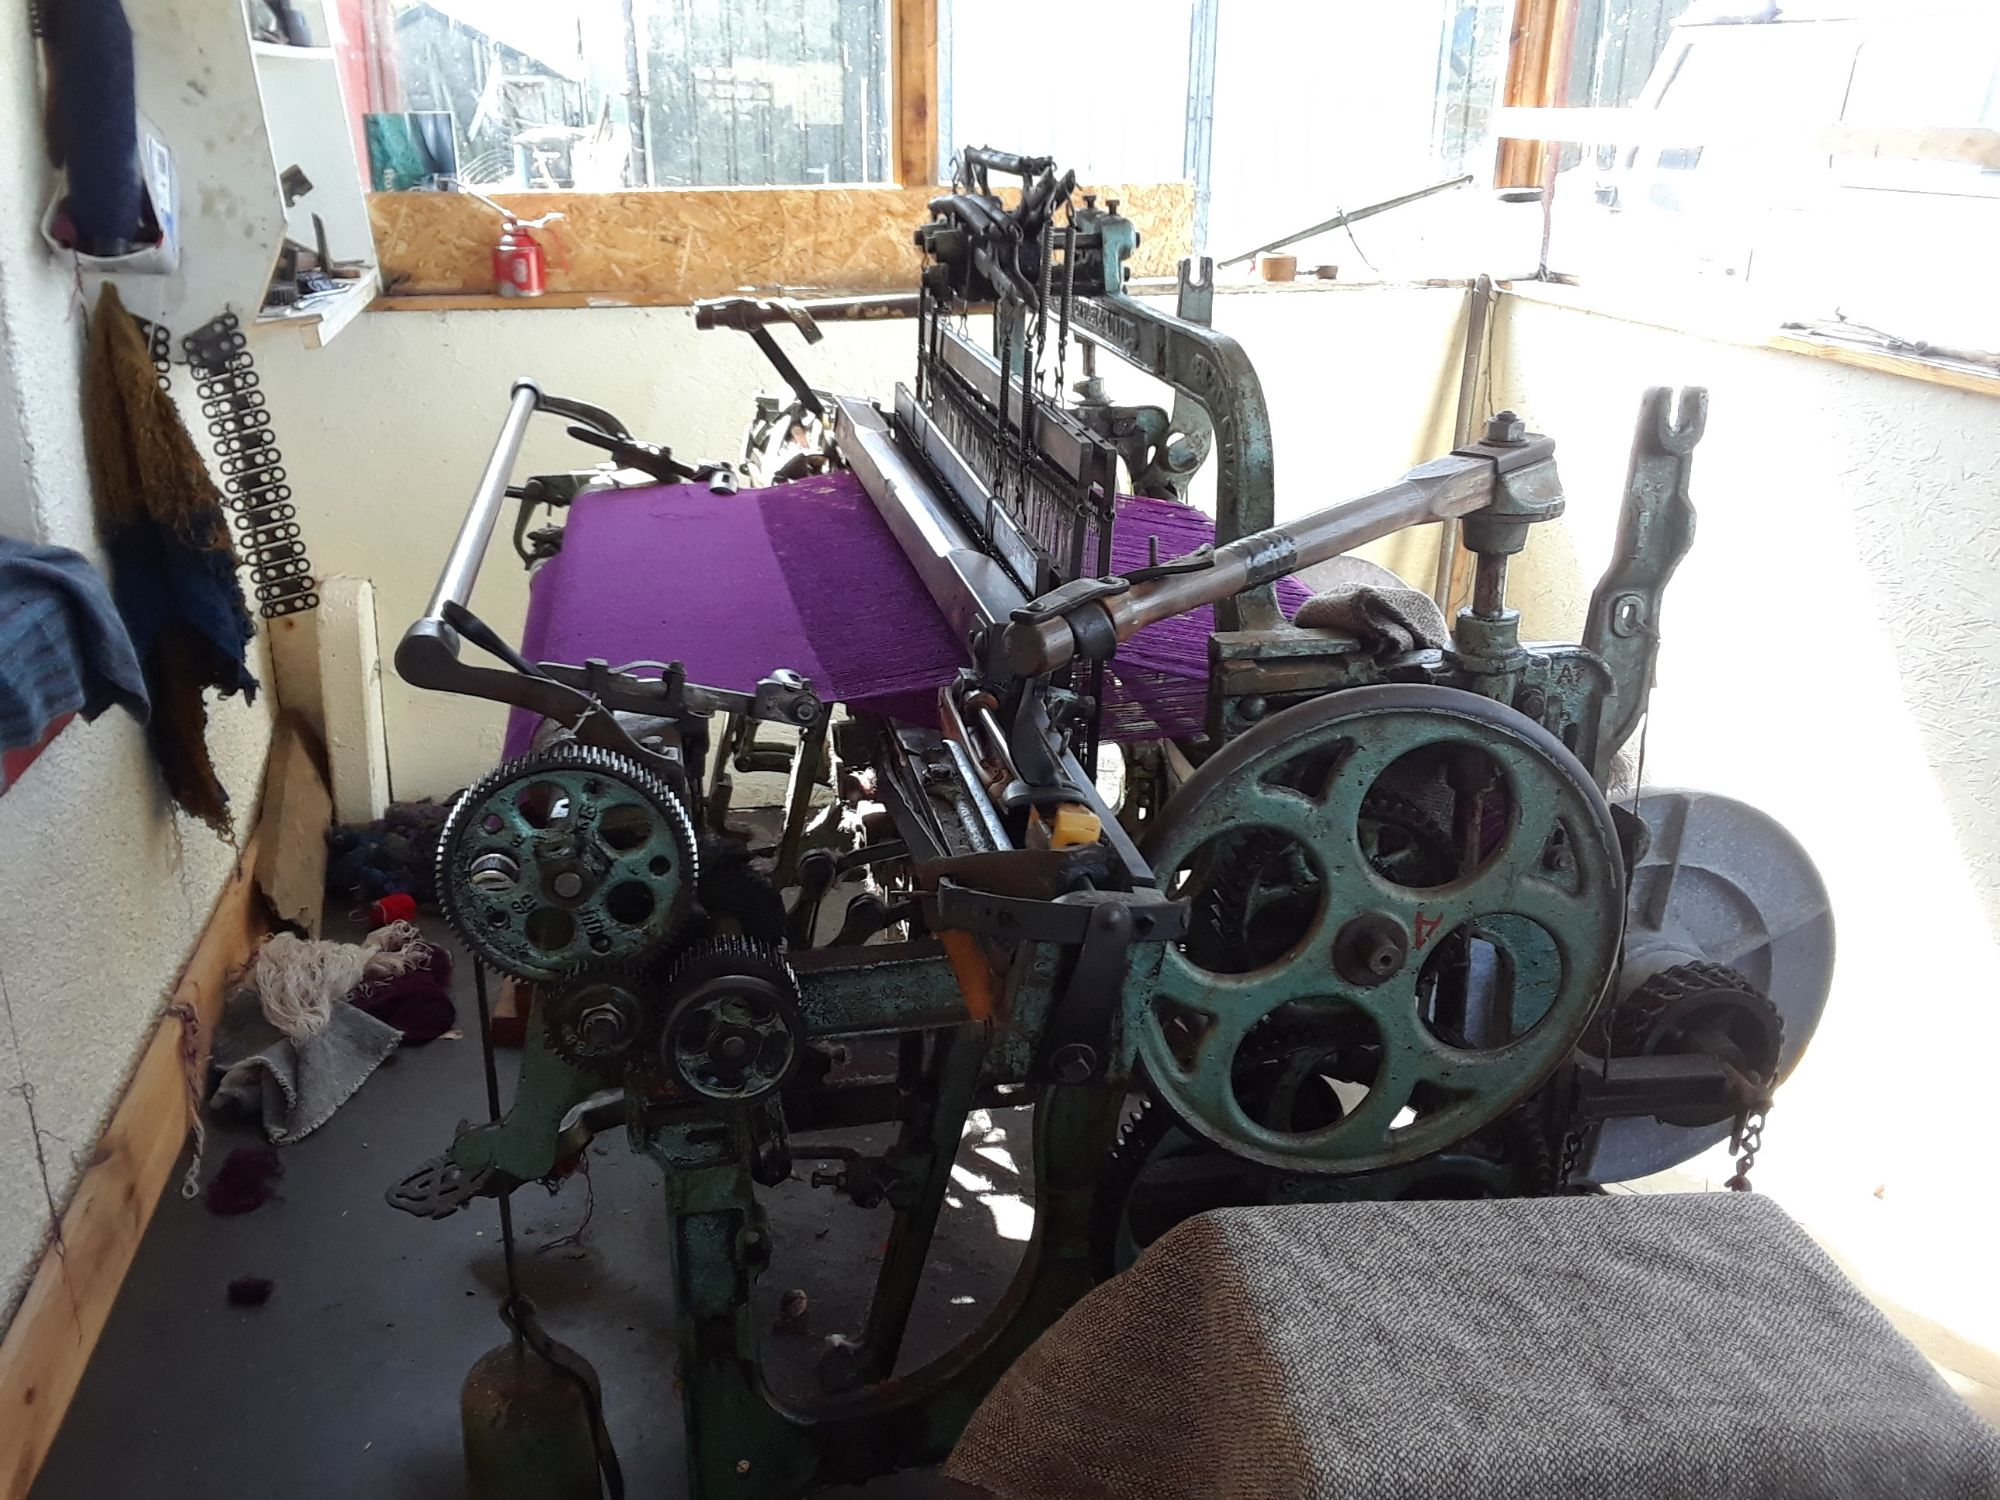 Loom at Carloway Harris Tweed